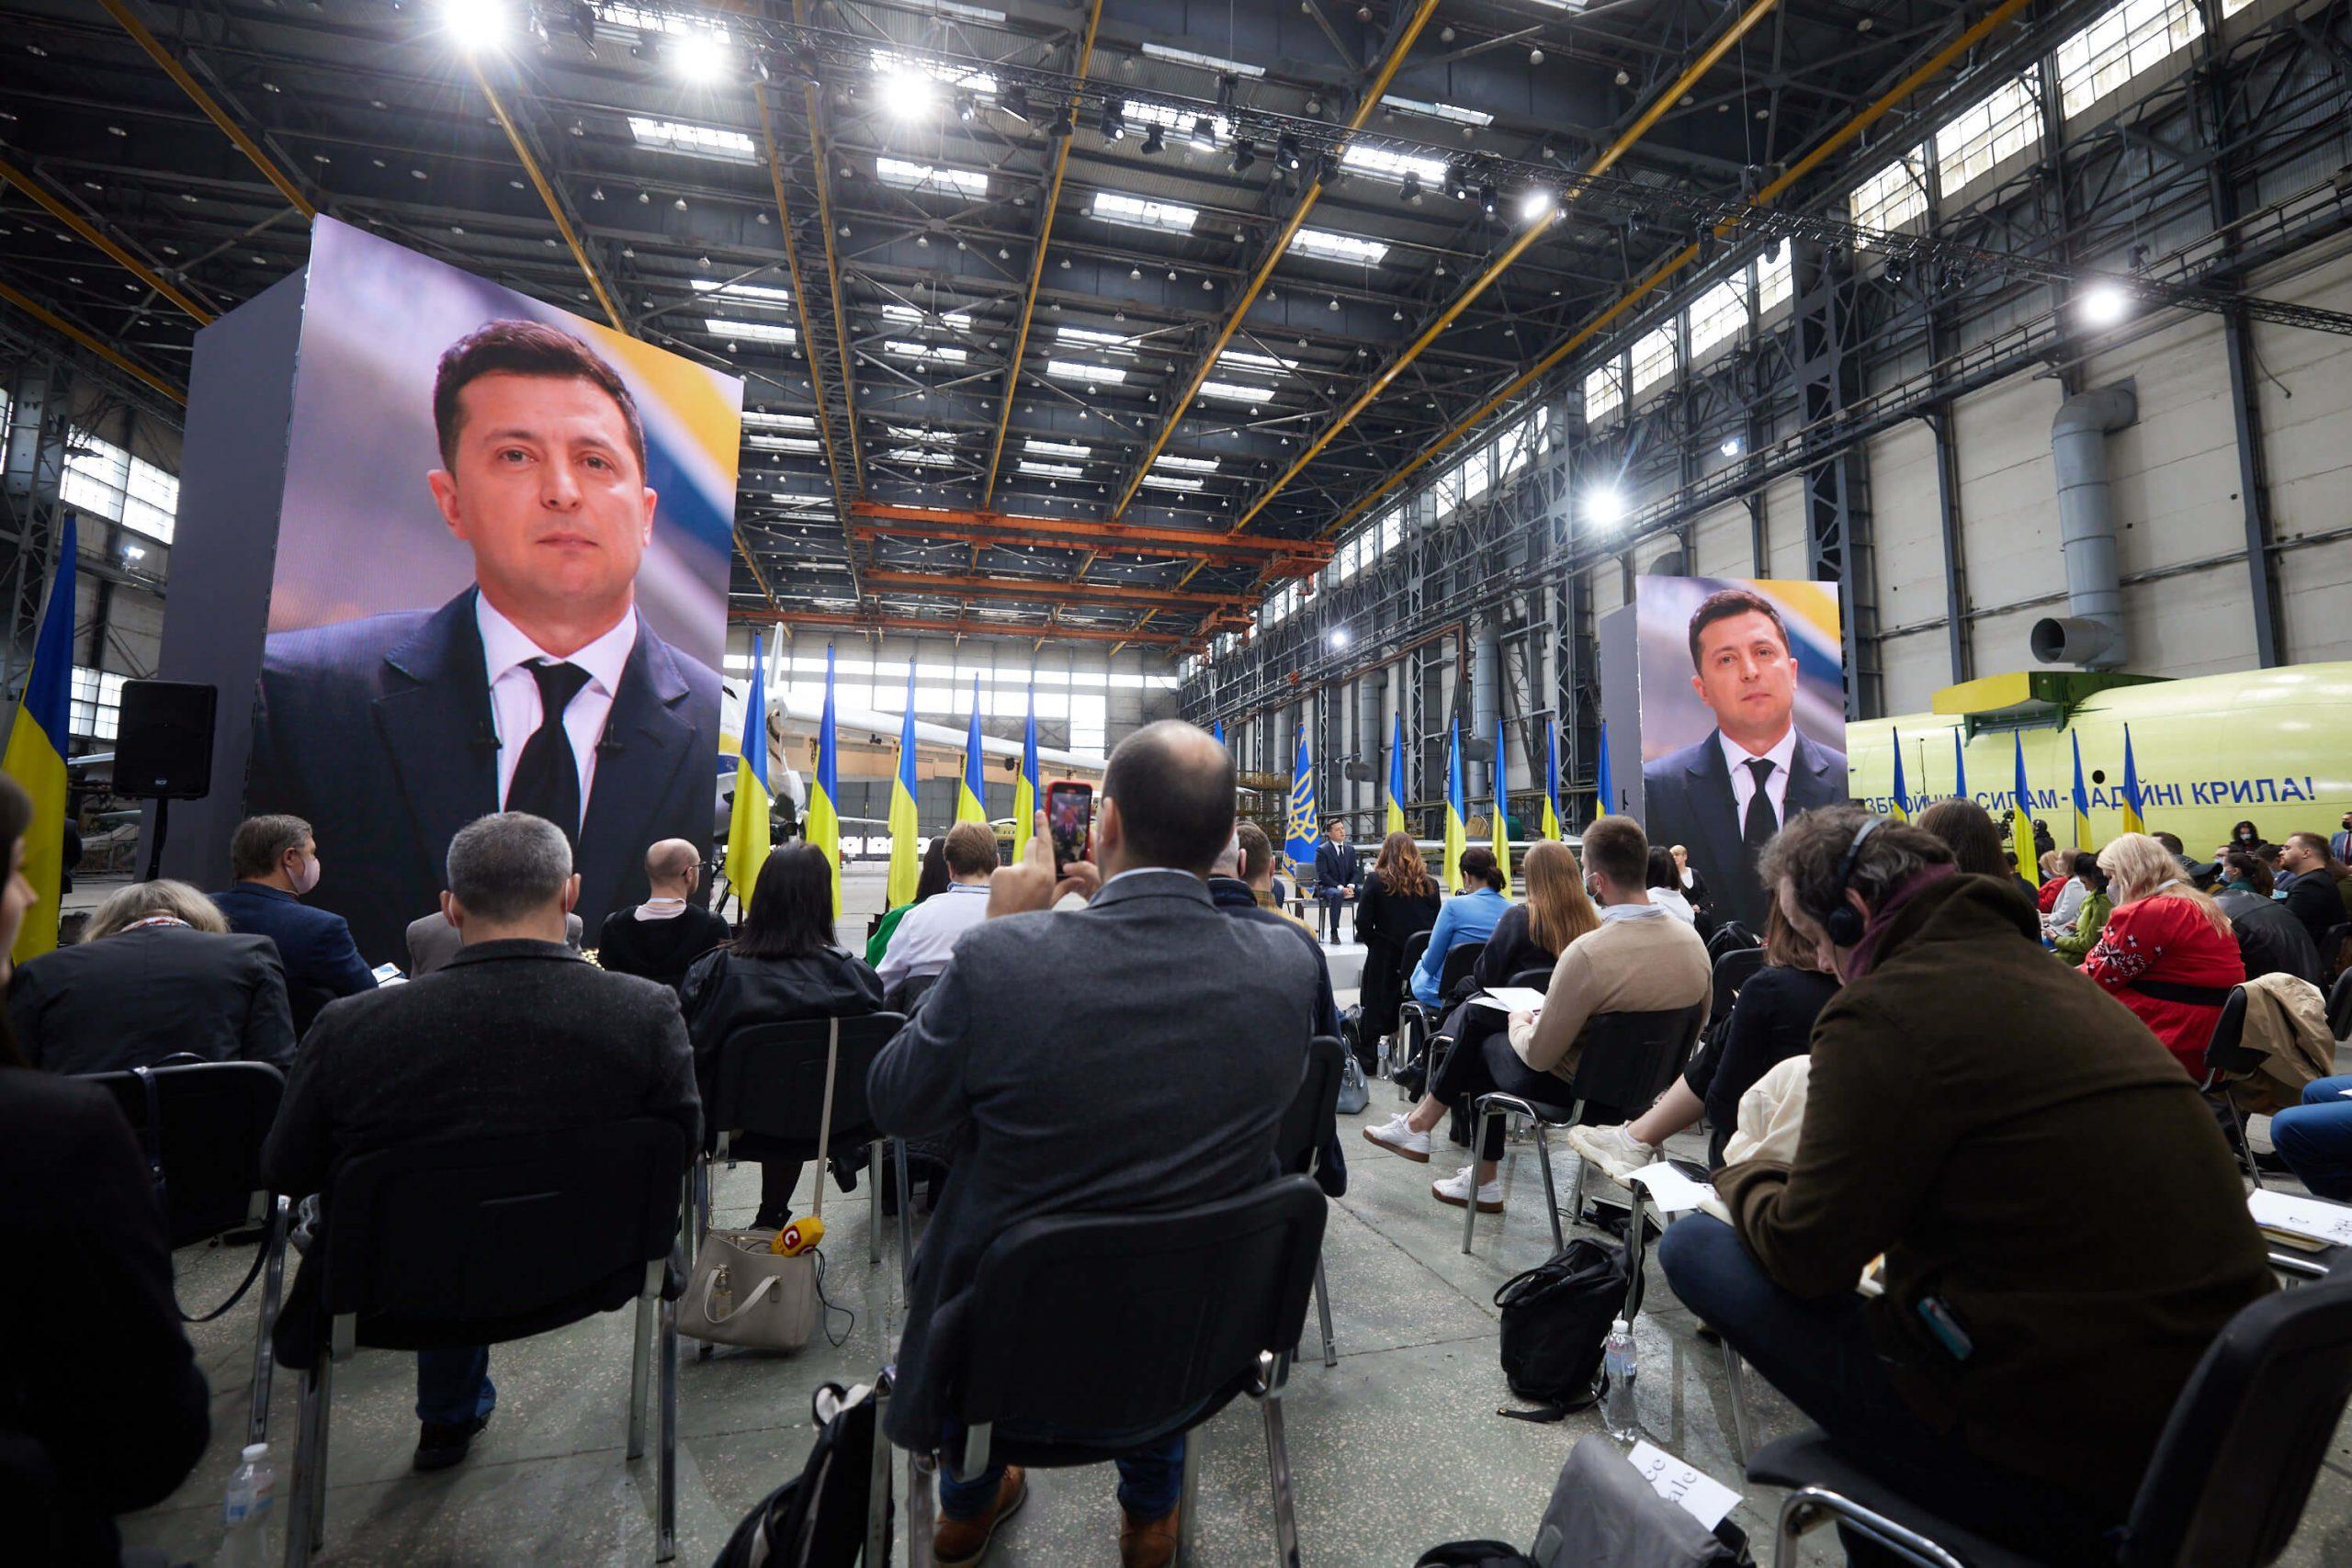 Пресс-конференция Зеленского. Насколько честен был президент с журналистами?